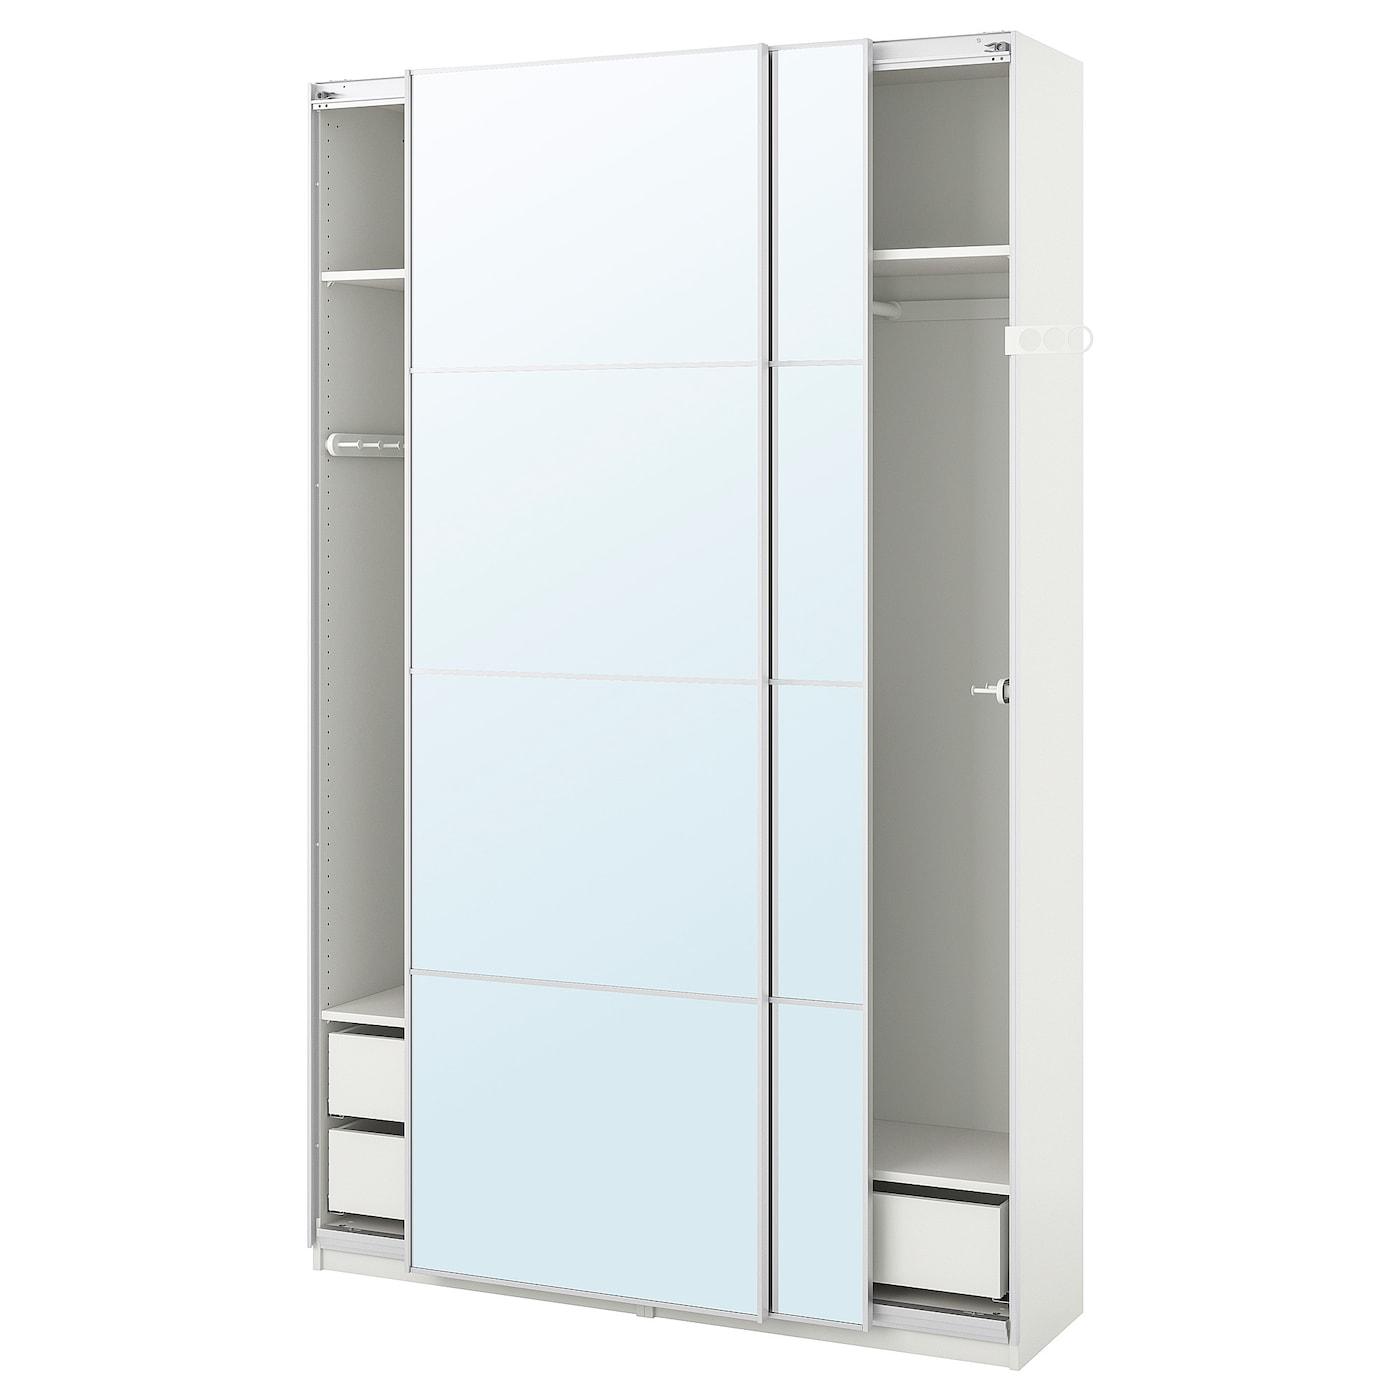 Armadio Ingresso Profondità Ridotta pax guardaroba - bianco, auli vetro a specchio 150x44x236 cm